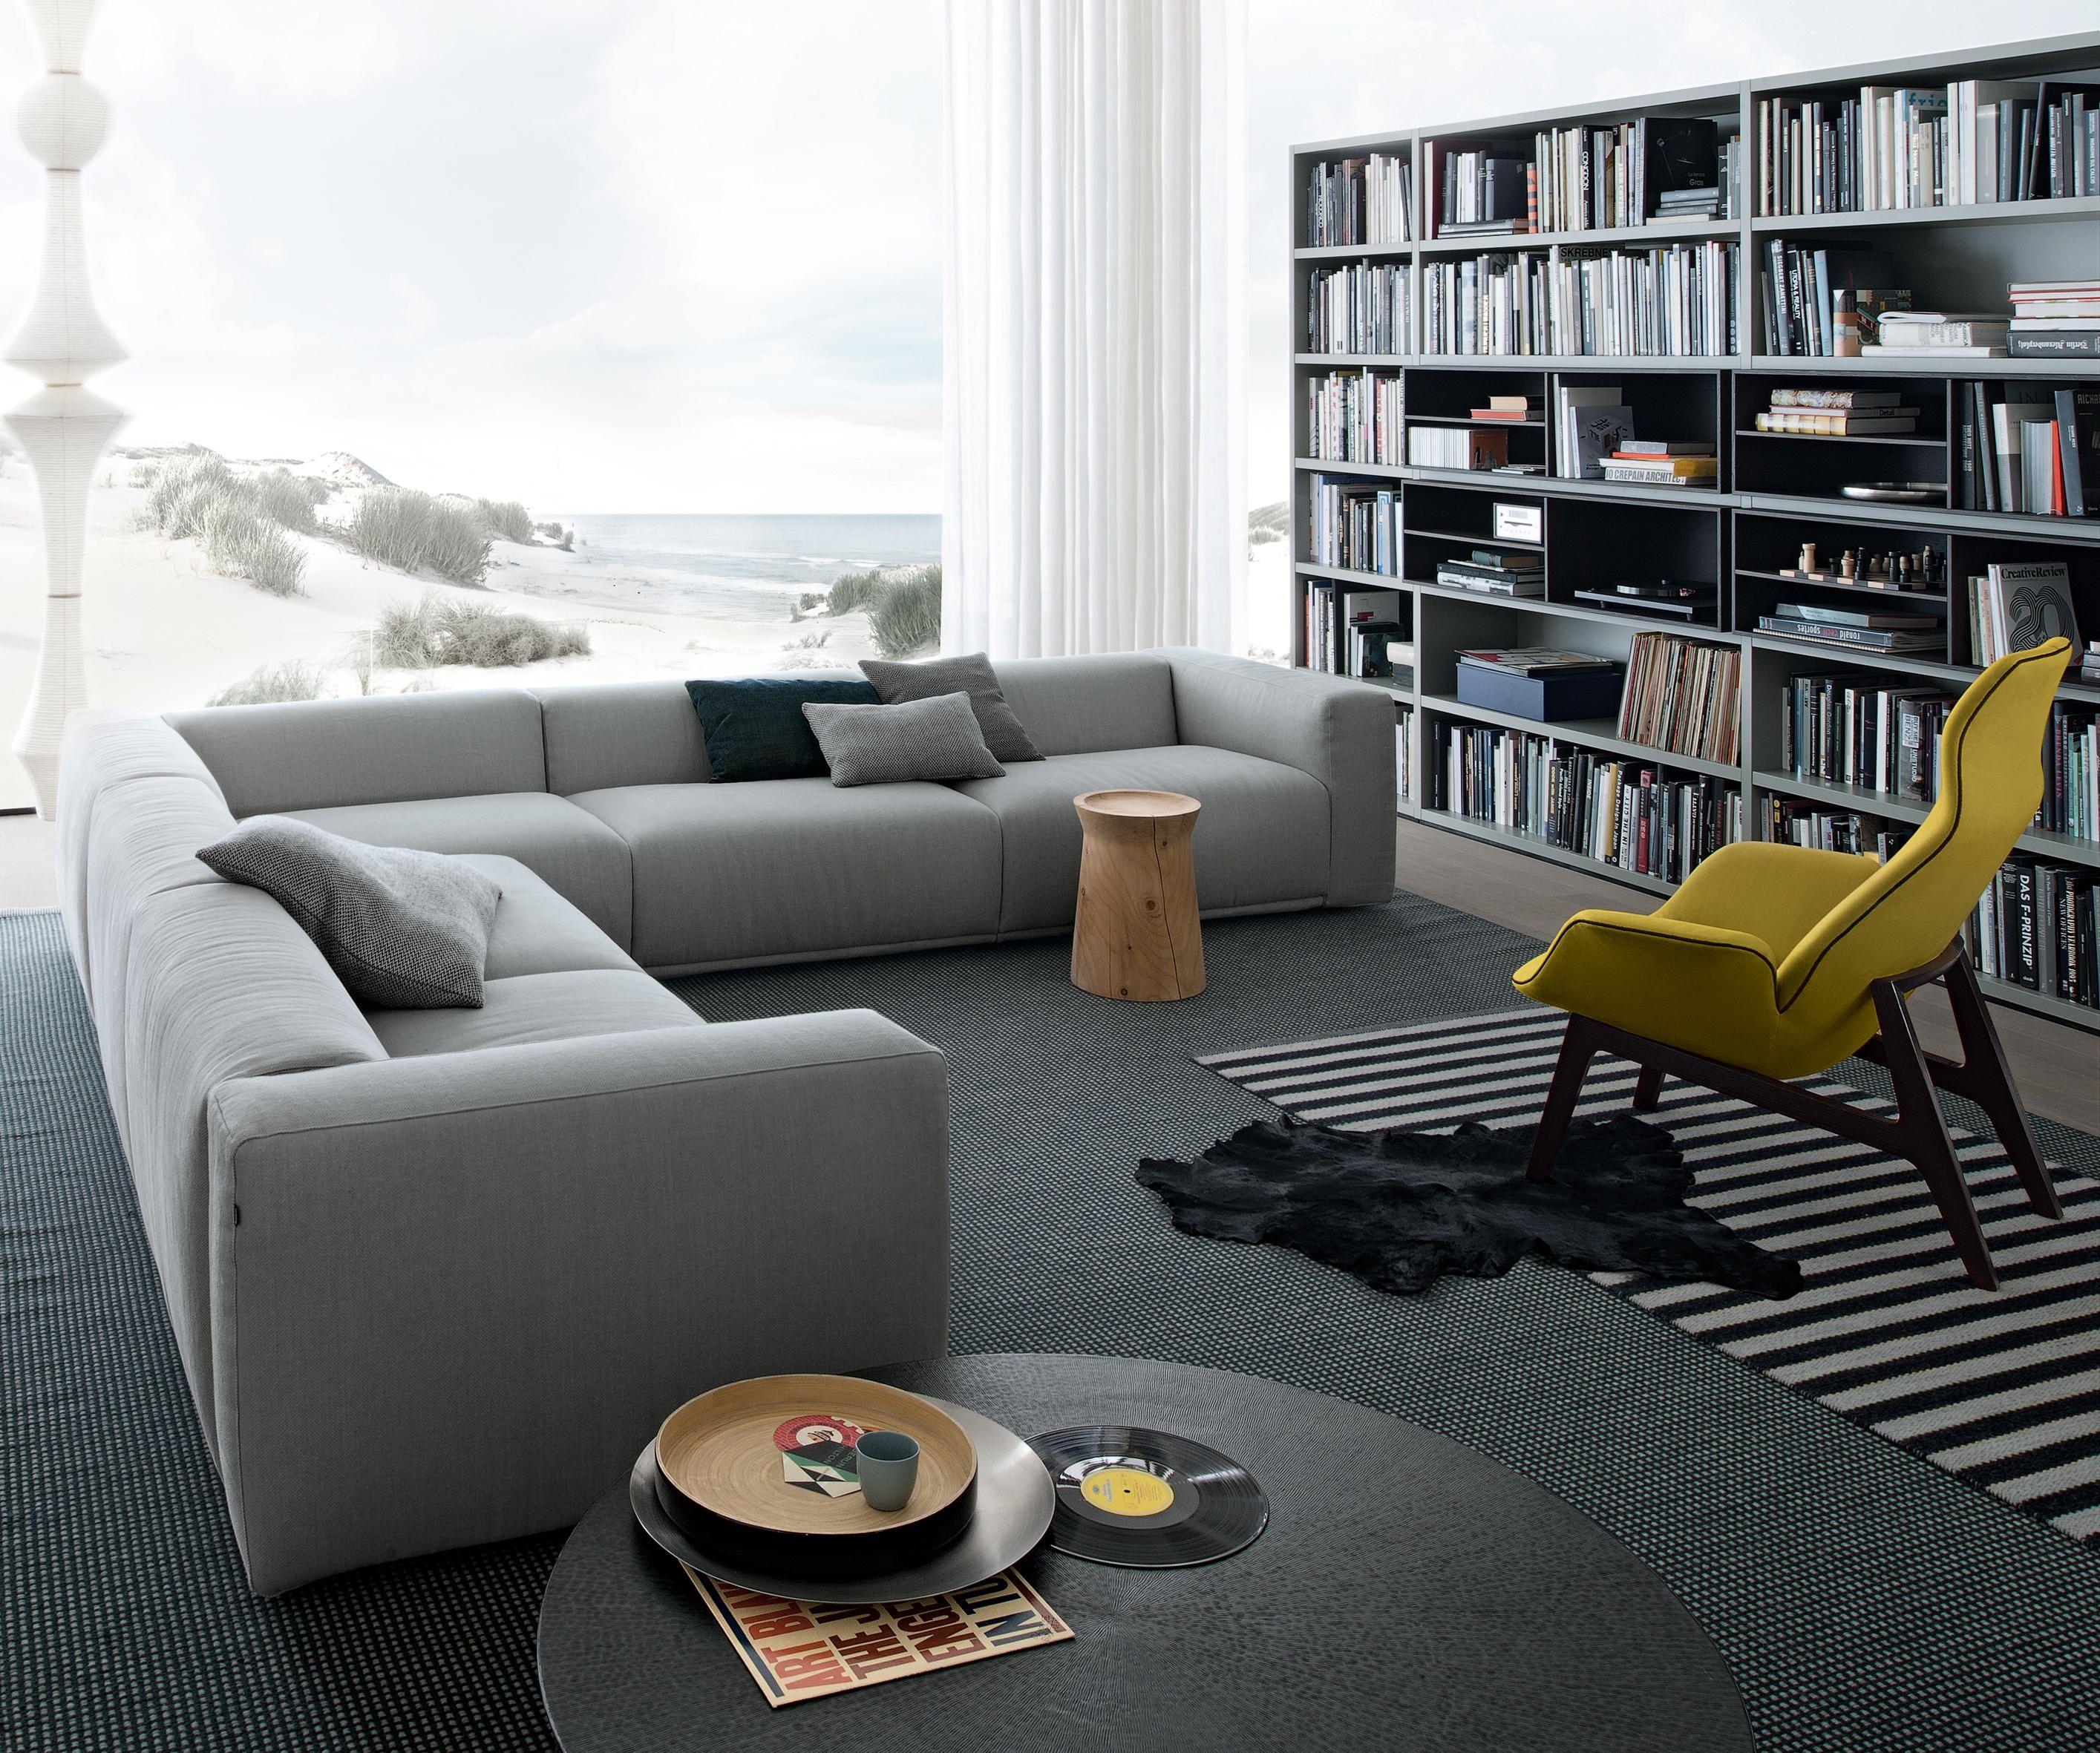 Poliform Sydney bolton sofa by poliform ffe sofa sofa sofa